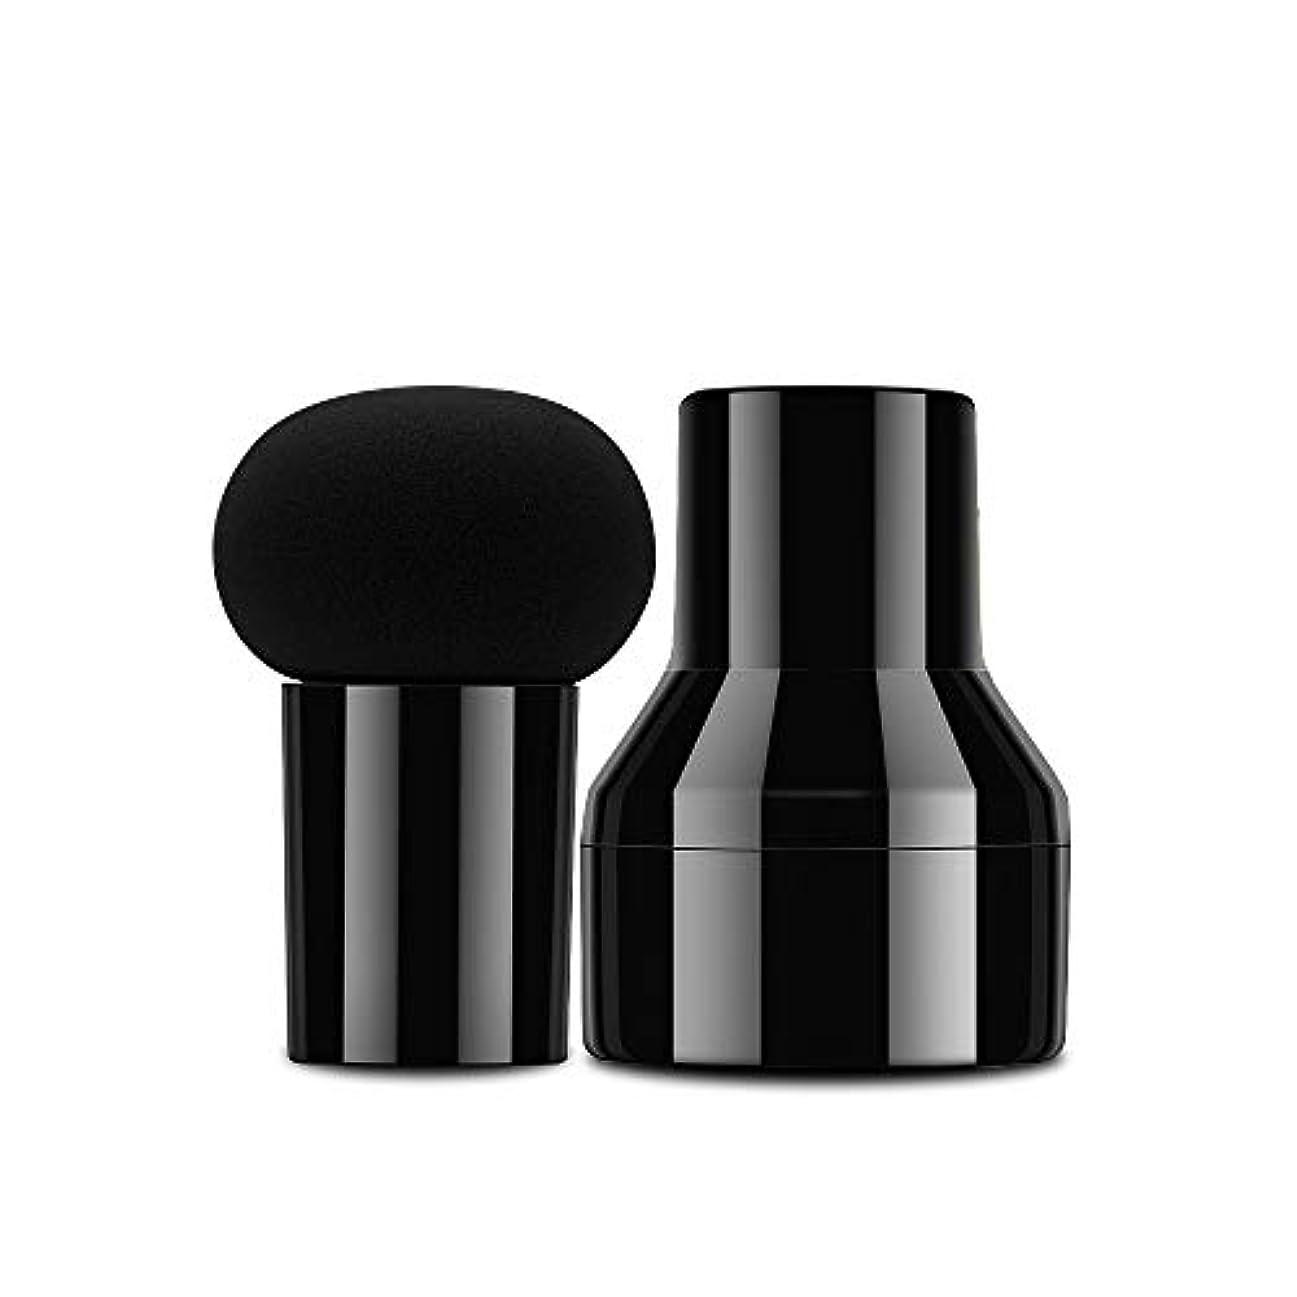 喜んで貯水池見てCatMoz 多機能メイク用マッシュルーム型スポンジパフ ケース付き ブラック